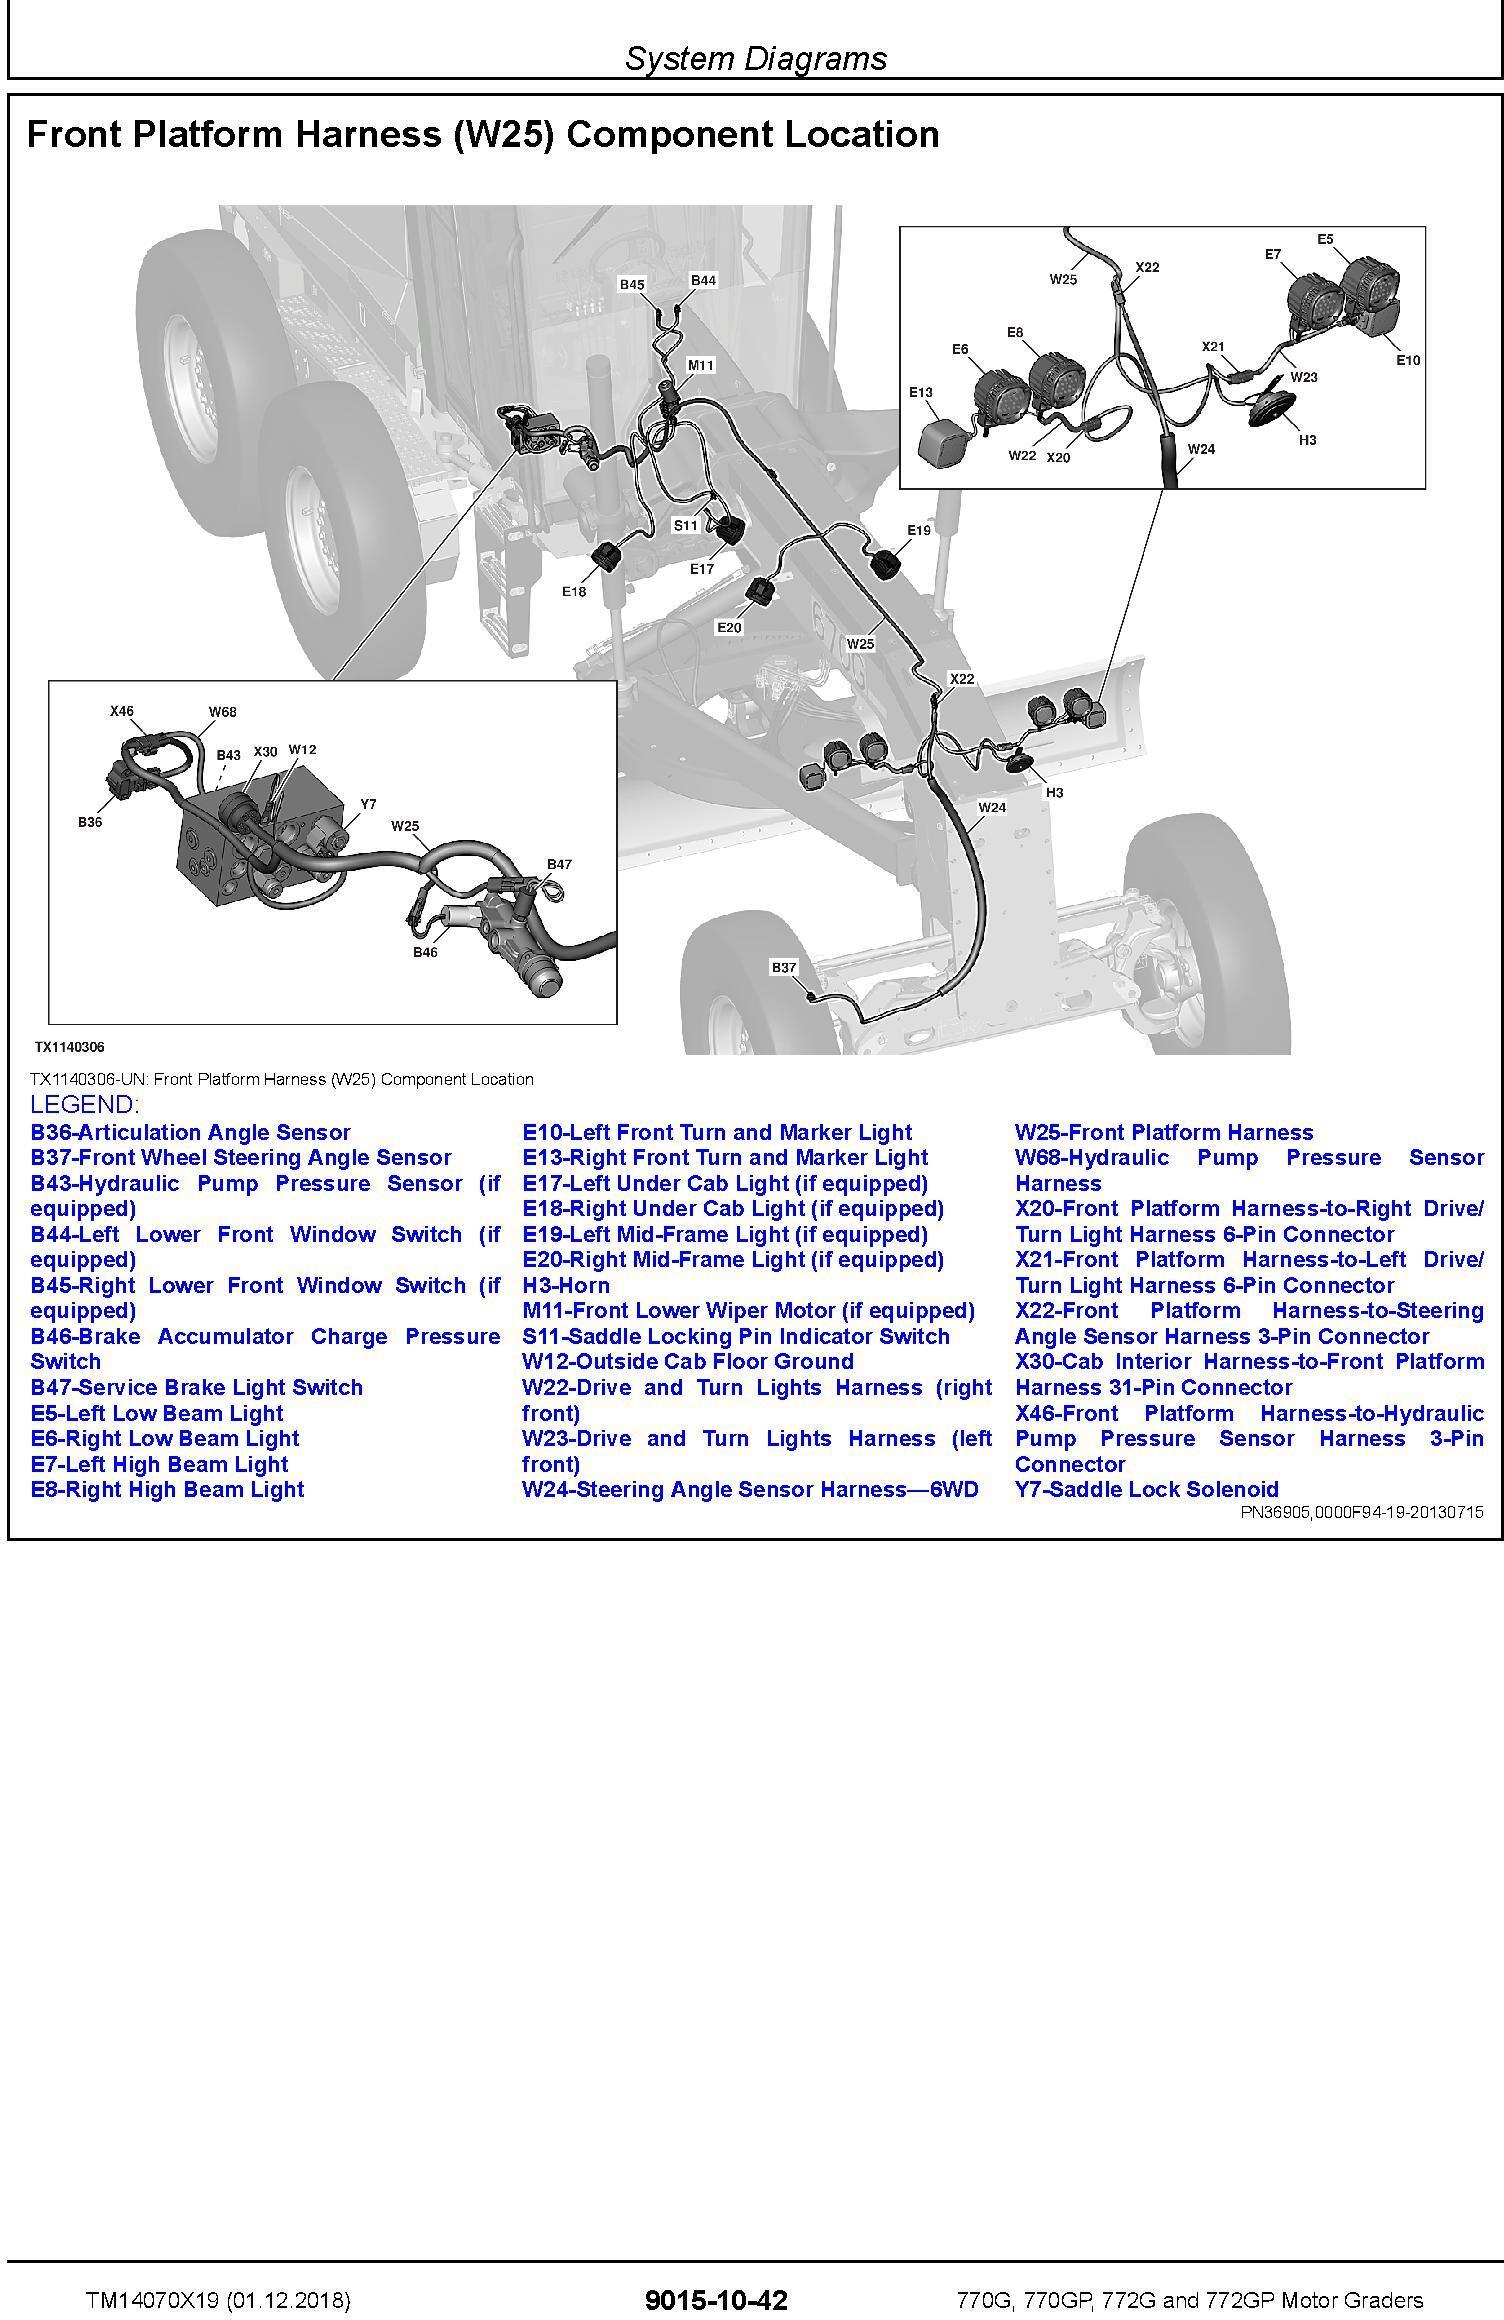 John Deere 770G, 770GP, 772G, 772GP (SN.F678818-680877) Motor Graders Diagnostic Manual (TM14070X19) - 1